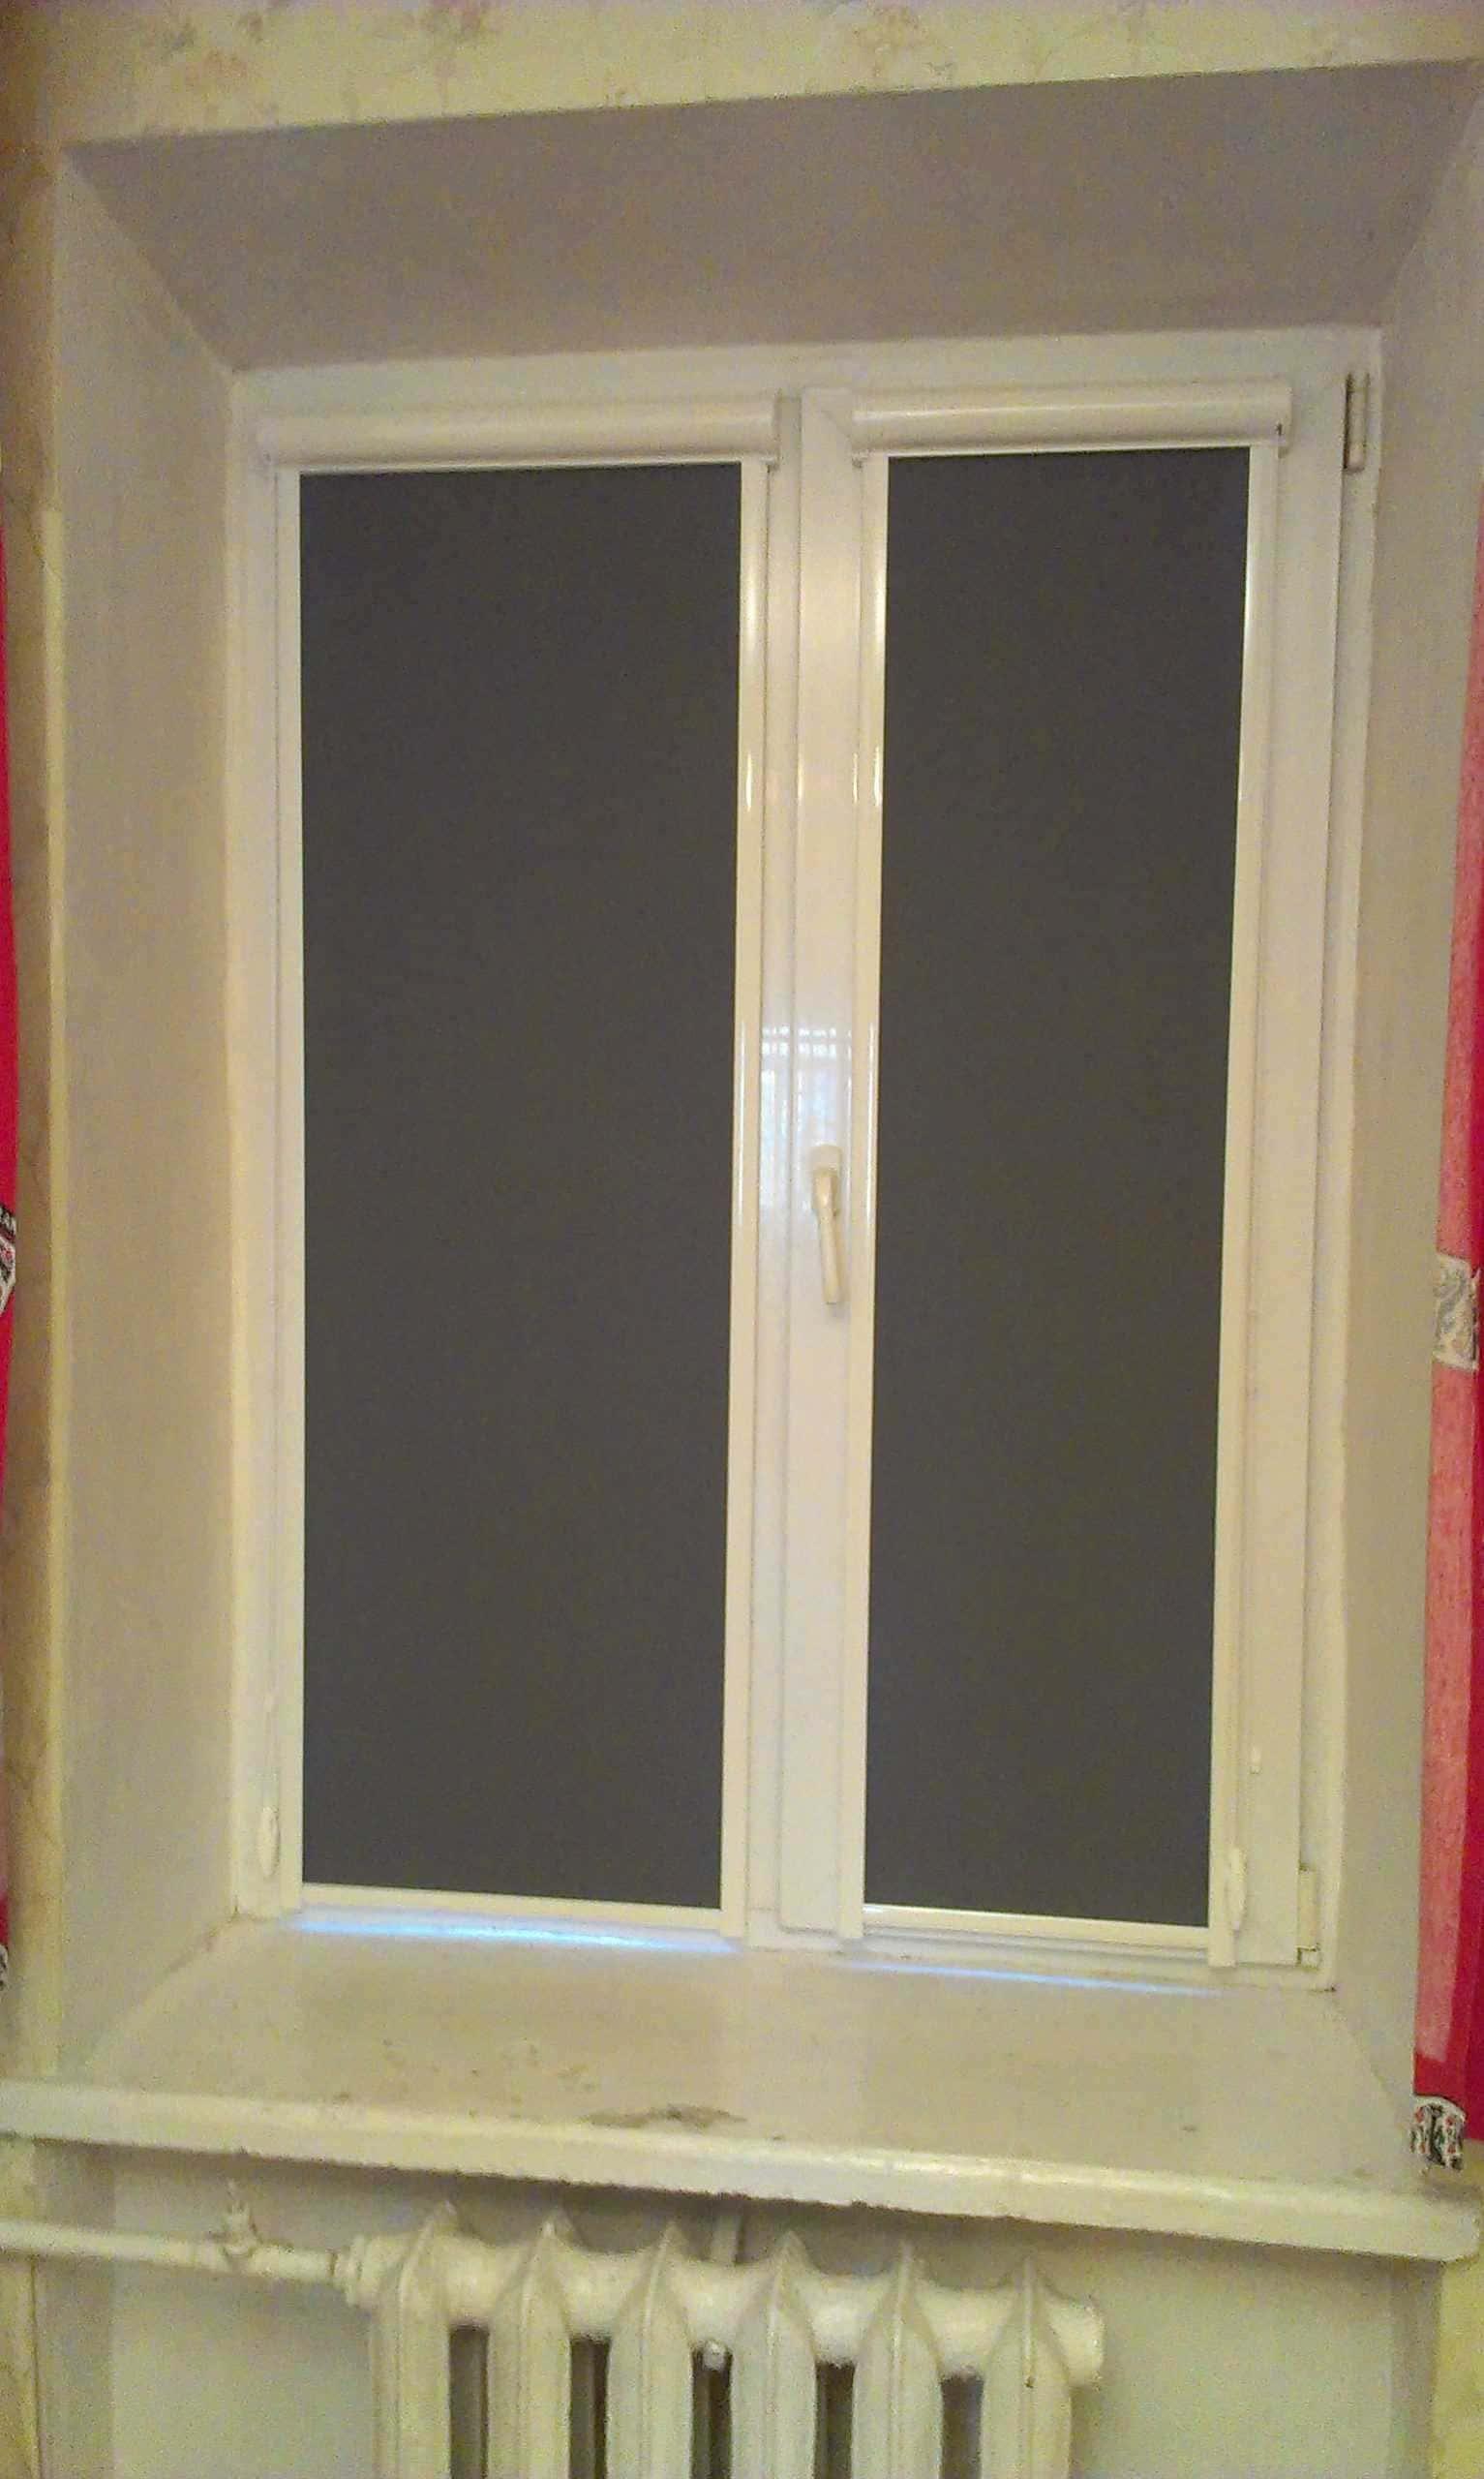 Рулонные шторы - плюсы и минусы установки, выбор материалов 055